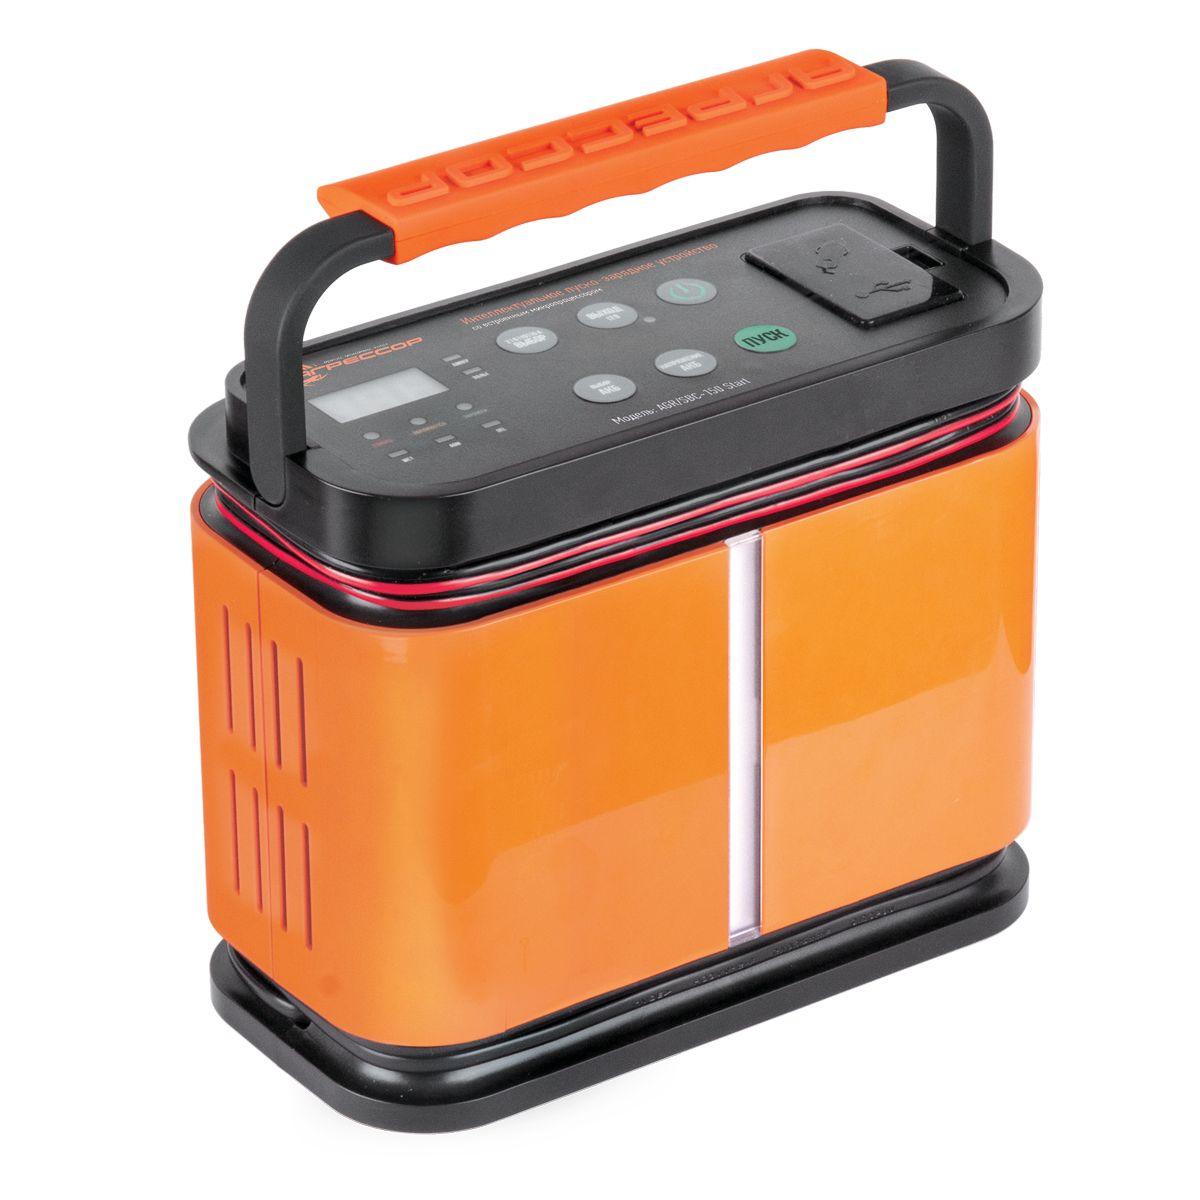 Устройство зарядное цифровое Autoprofi Агрессор AGR/SBC-150 Start, 9 фаз зарядки, ток 2/6/10/15 АAGR/SBC-150 StartЗарядное устройство Autoprofi Агрессор AGR/SBC-150 Start компактно и эргономично: все провода помещаются в специальных нишах, ручка складывается, размеры позволяют без труда разместить его в автомобиле или гараже. Устройство подходит для зарядки всех типов свинцово-кислотных батарей напряжением 12 В. Кроме того, оно заряжает электронные устройства (смартфоны, телефоны, фотоаппараты, плееры и пр.) через встроенные USB- порт или сеть 12 В.Устройство имеет усовершенствованную 9-ступенчатую систему зарядки и встроенный микропроцессор. Это, соответственно, сокращает время зарядки, обеспечивает безопасность и защиту от ошибок. Функция 5-минутной зарядки позволяет устройству быстро передать на батарею заряд, необходимый для запуска двигателя.Есть возможность выбрать оптимальную силу тока, установив один из четырех режимов: 2/ 6/ 10/ 15 А. Для оптимальной зарядки аккумуляторной батареи, в устройстве предусмотрена возможность установить тип АКБ: WET (жидкостный электролит), AGM (абсорбированный электролит), GEL (гелевый электролит).Autoprofi Агрессор AGR/SBC-150 Start работает как пусковое устройство при нажатии кнопки Пуск. После чего в течение 30 секунд на клеммы аккумуляторной батареи подается ток быстрой зарядки. Затем раздается сигнал, свидетельствующий о том, что можно запускать двигатель.